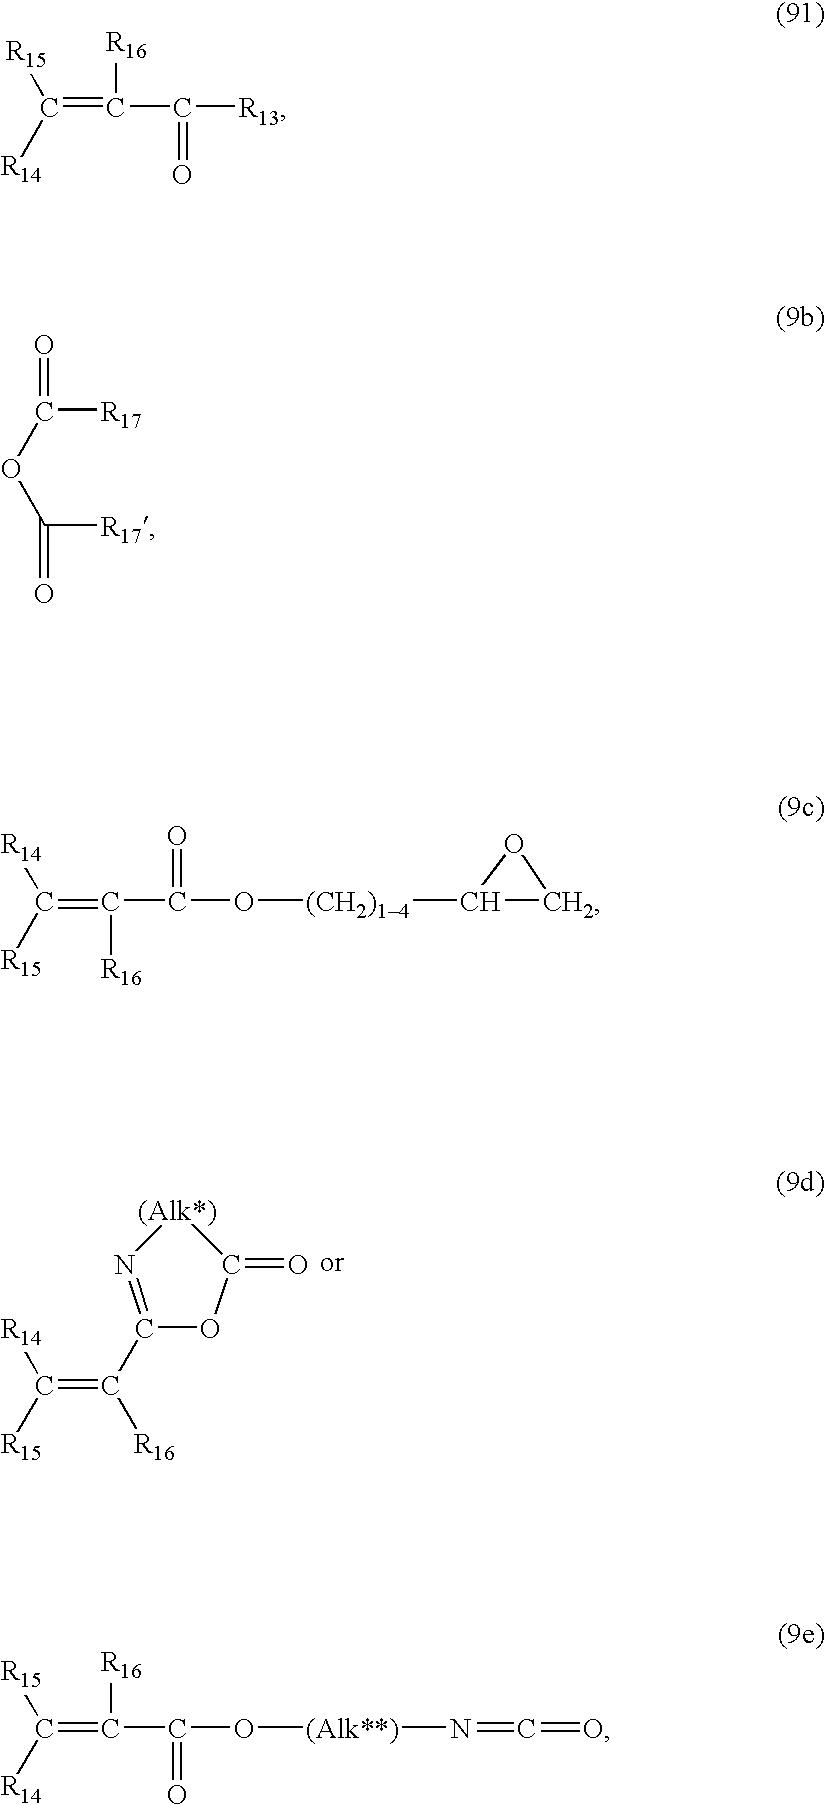 Figure US20060160957A1-20060720-C00011